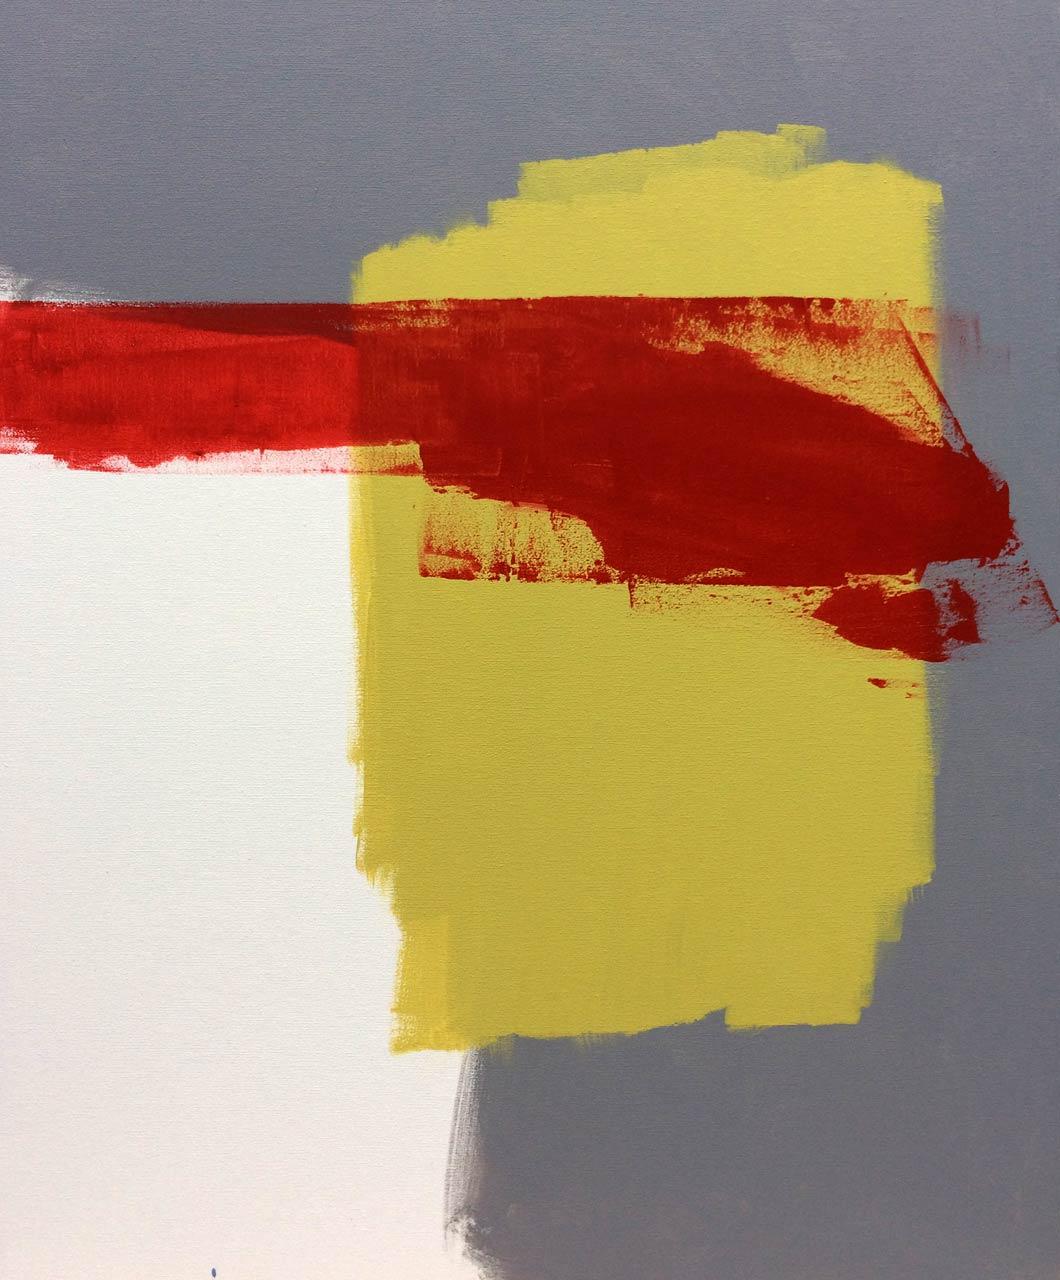 MANIFESTEMENT-60,96×76,2cm (24x30po) Acrylique et technique mixte sur toile